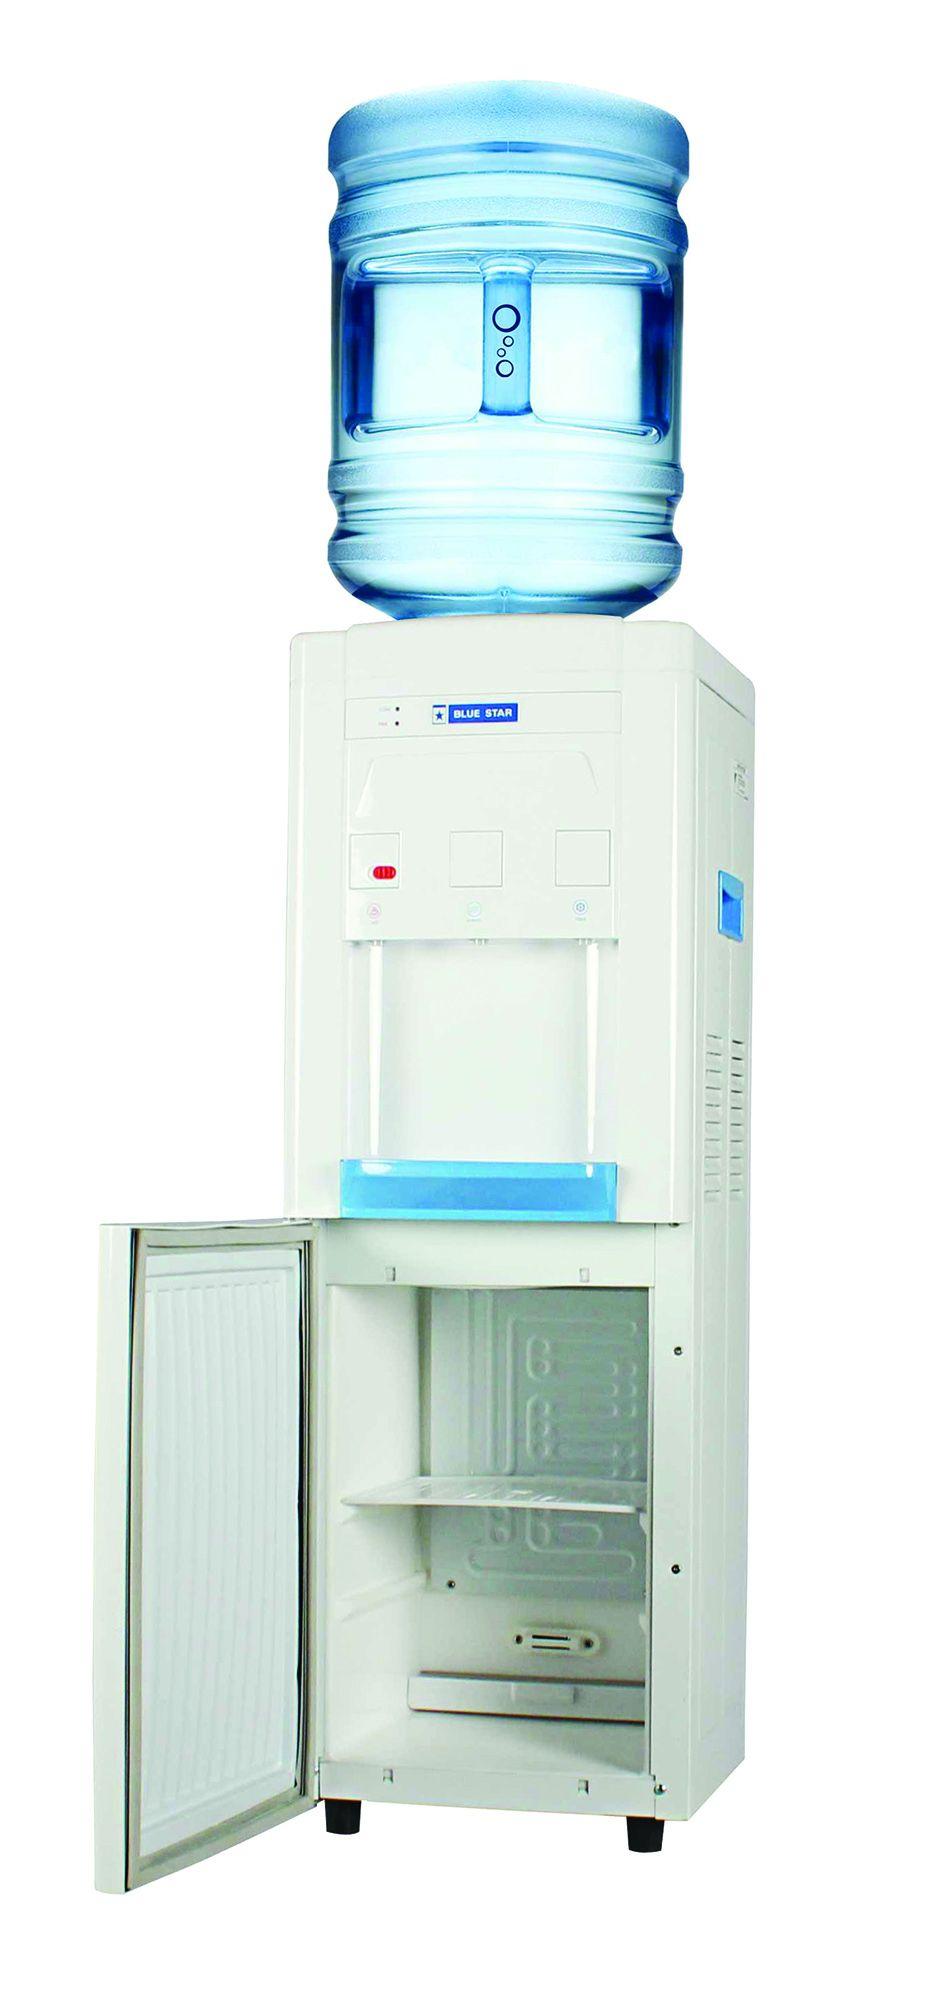 Fontaine à eau avec compartiment réfrigéré - eau chaude, froide et tempéré